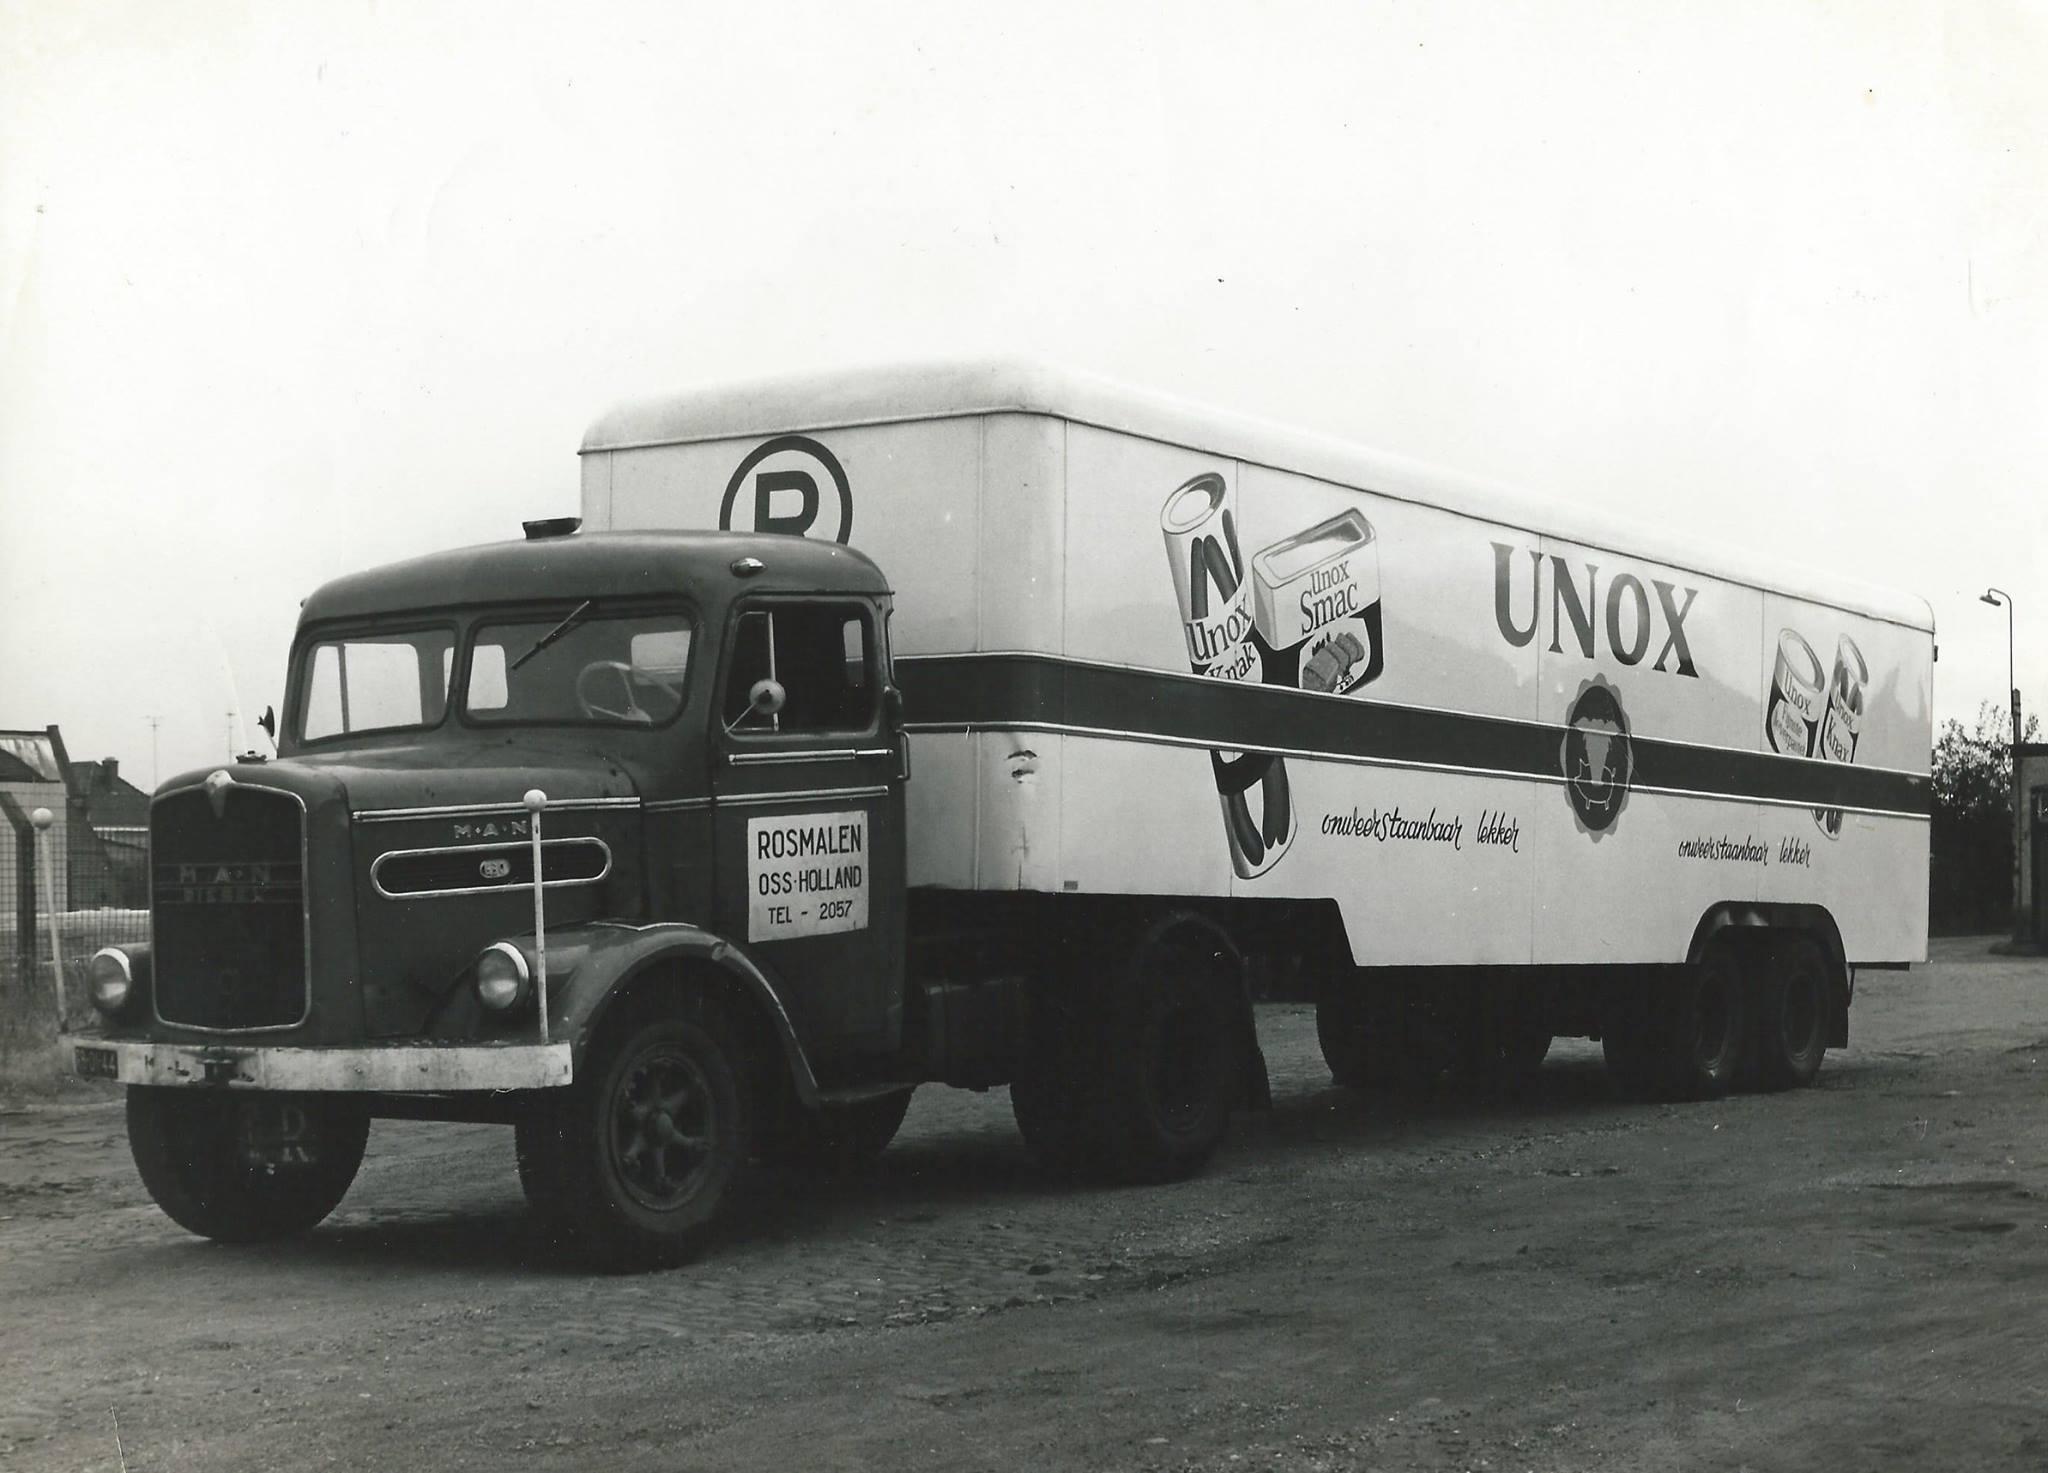 huisvervoerder-van-Unox-met-dank-aan-Henk-Rosmalen.